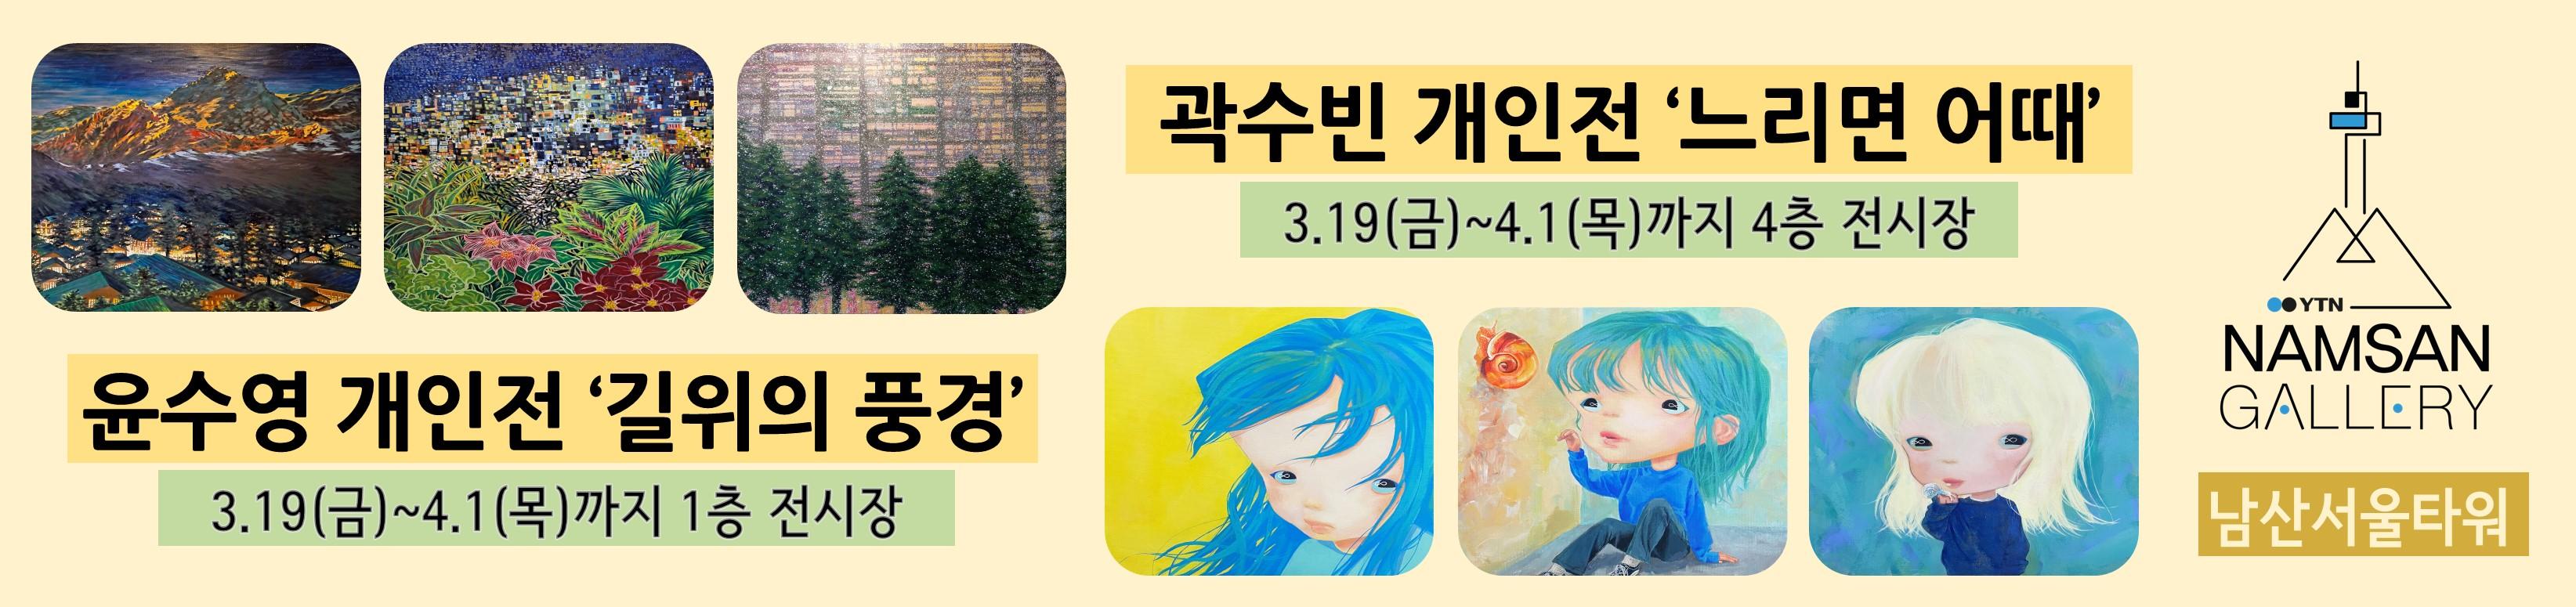 곽수빈 개인전 & 윤수영 개인전